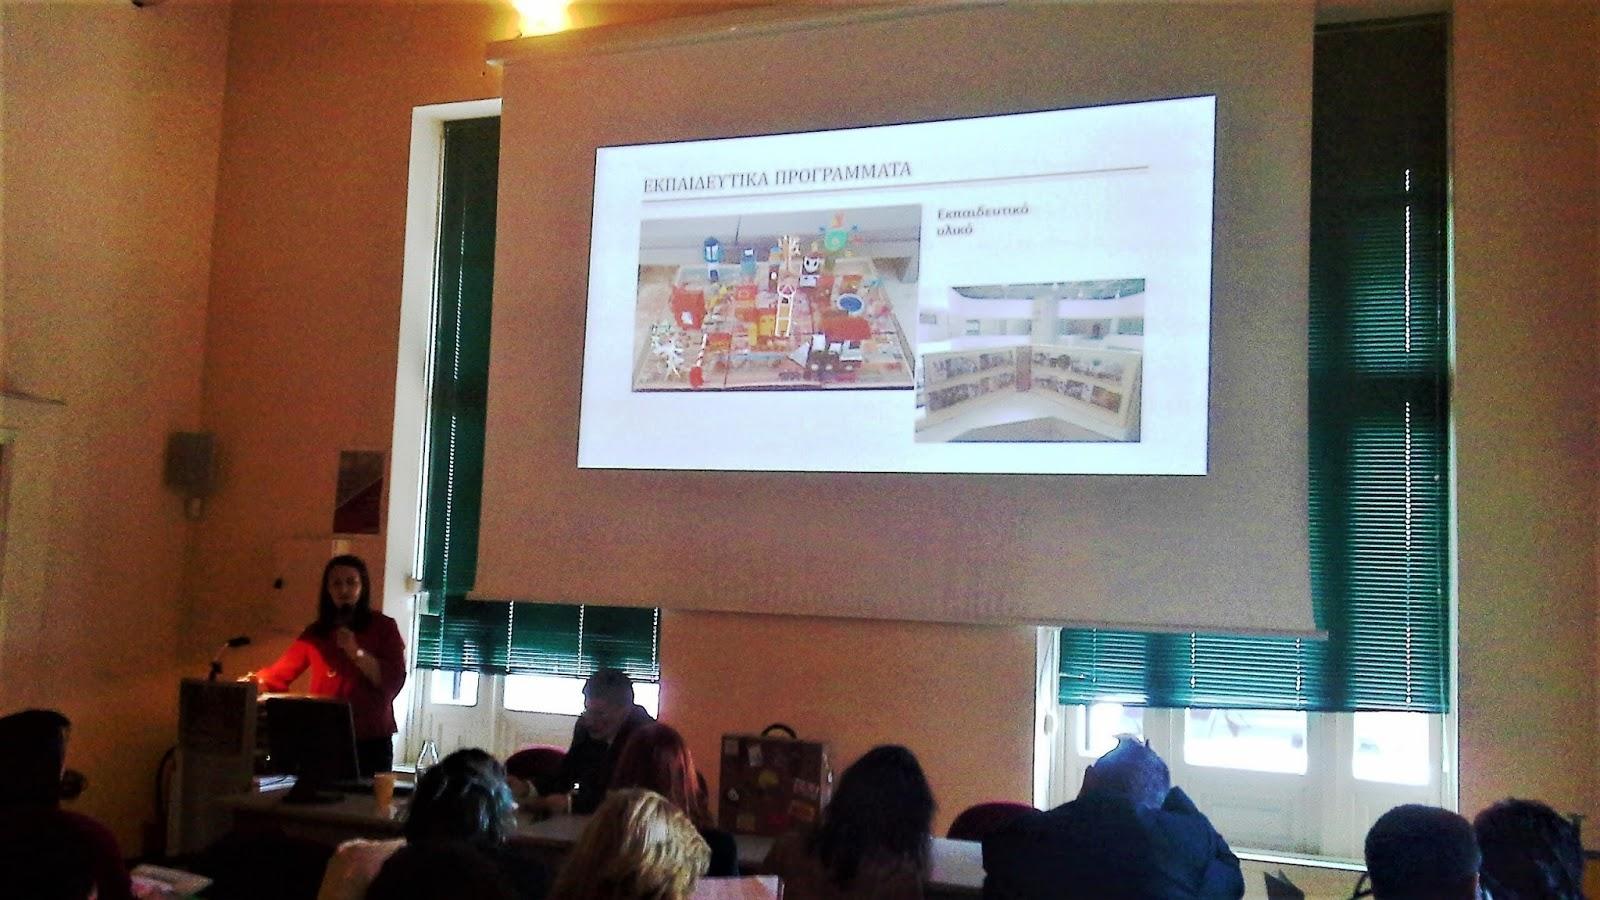 Σε ετήσια συνάντηση του Υπουργείου Πολιτισμού στην Αθήνα έλαβε μέρος η Δημοτική Πινακοθήκη Λάρισας